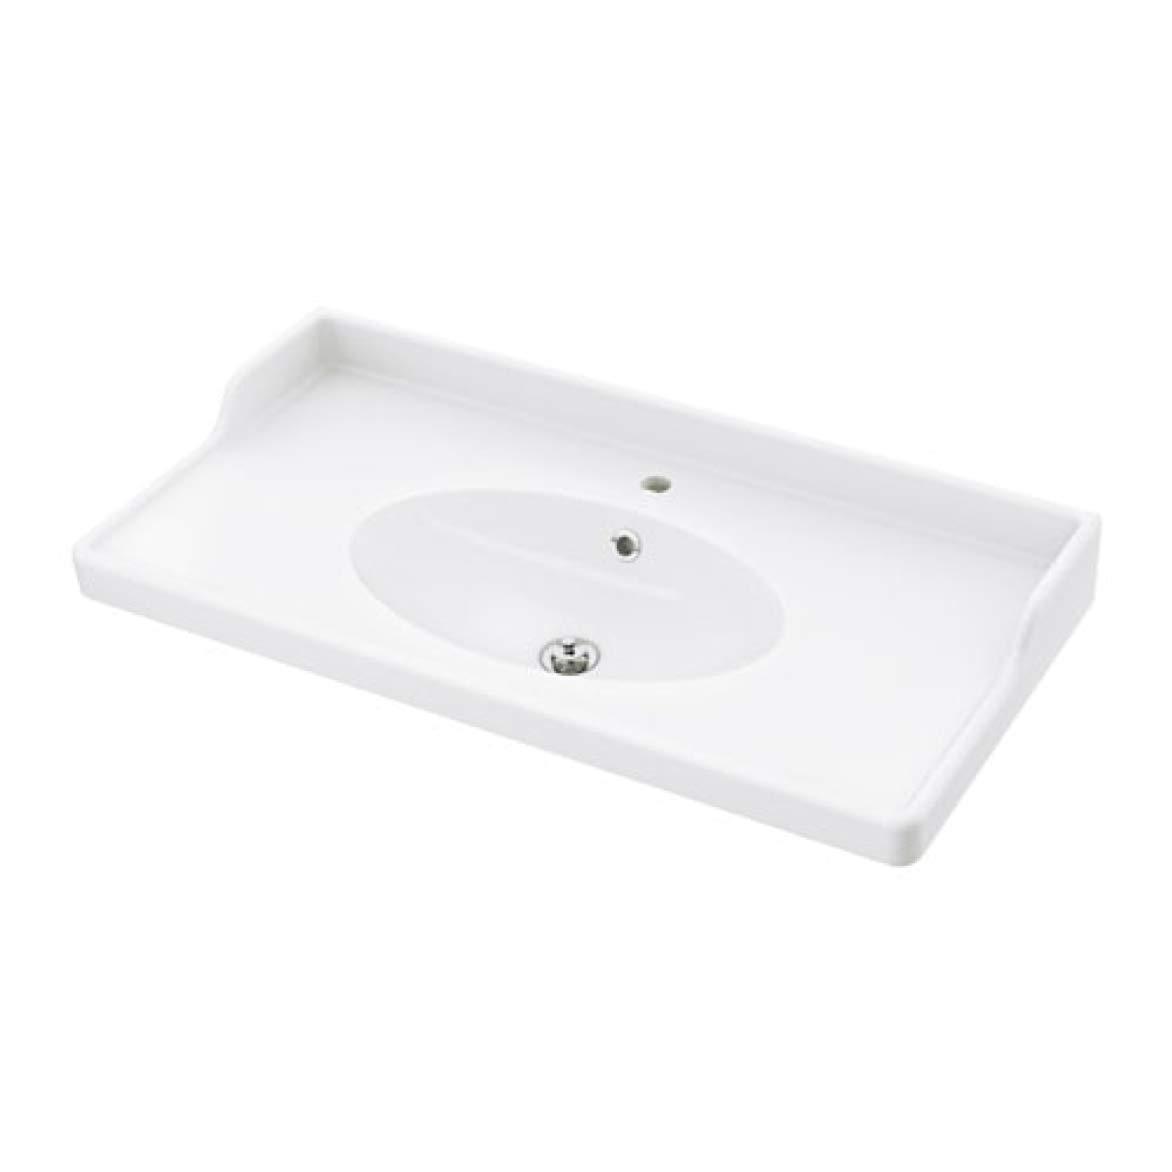 IKEA Rattviken Sink White 802.236.95 Size: 40 1/8x19 1/4x2 3/8'' by IKEA